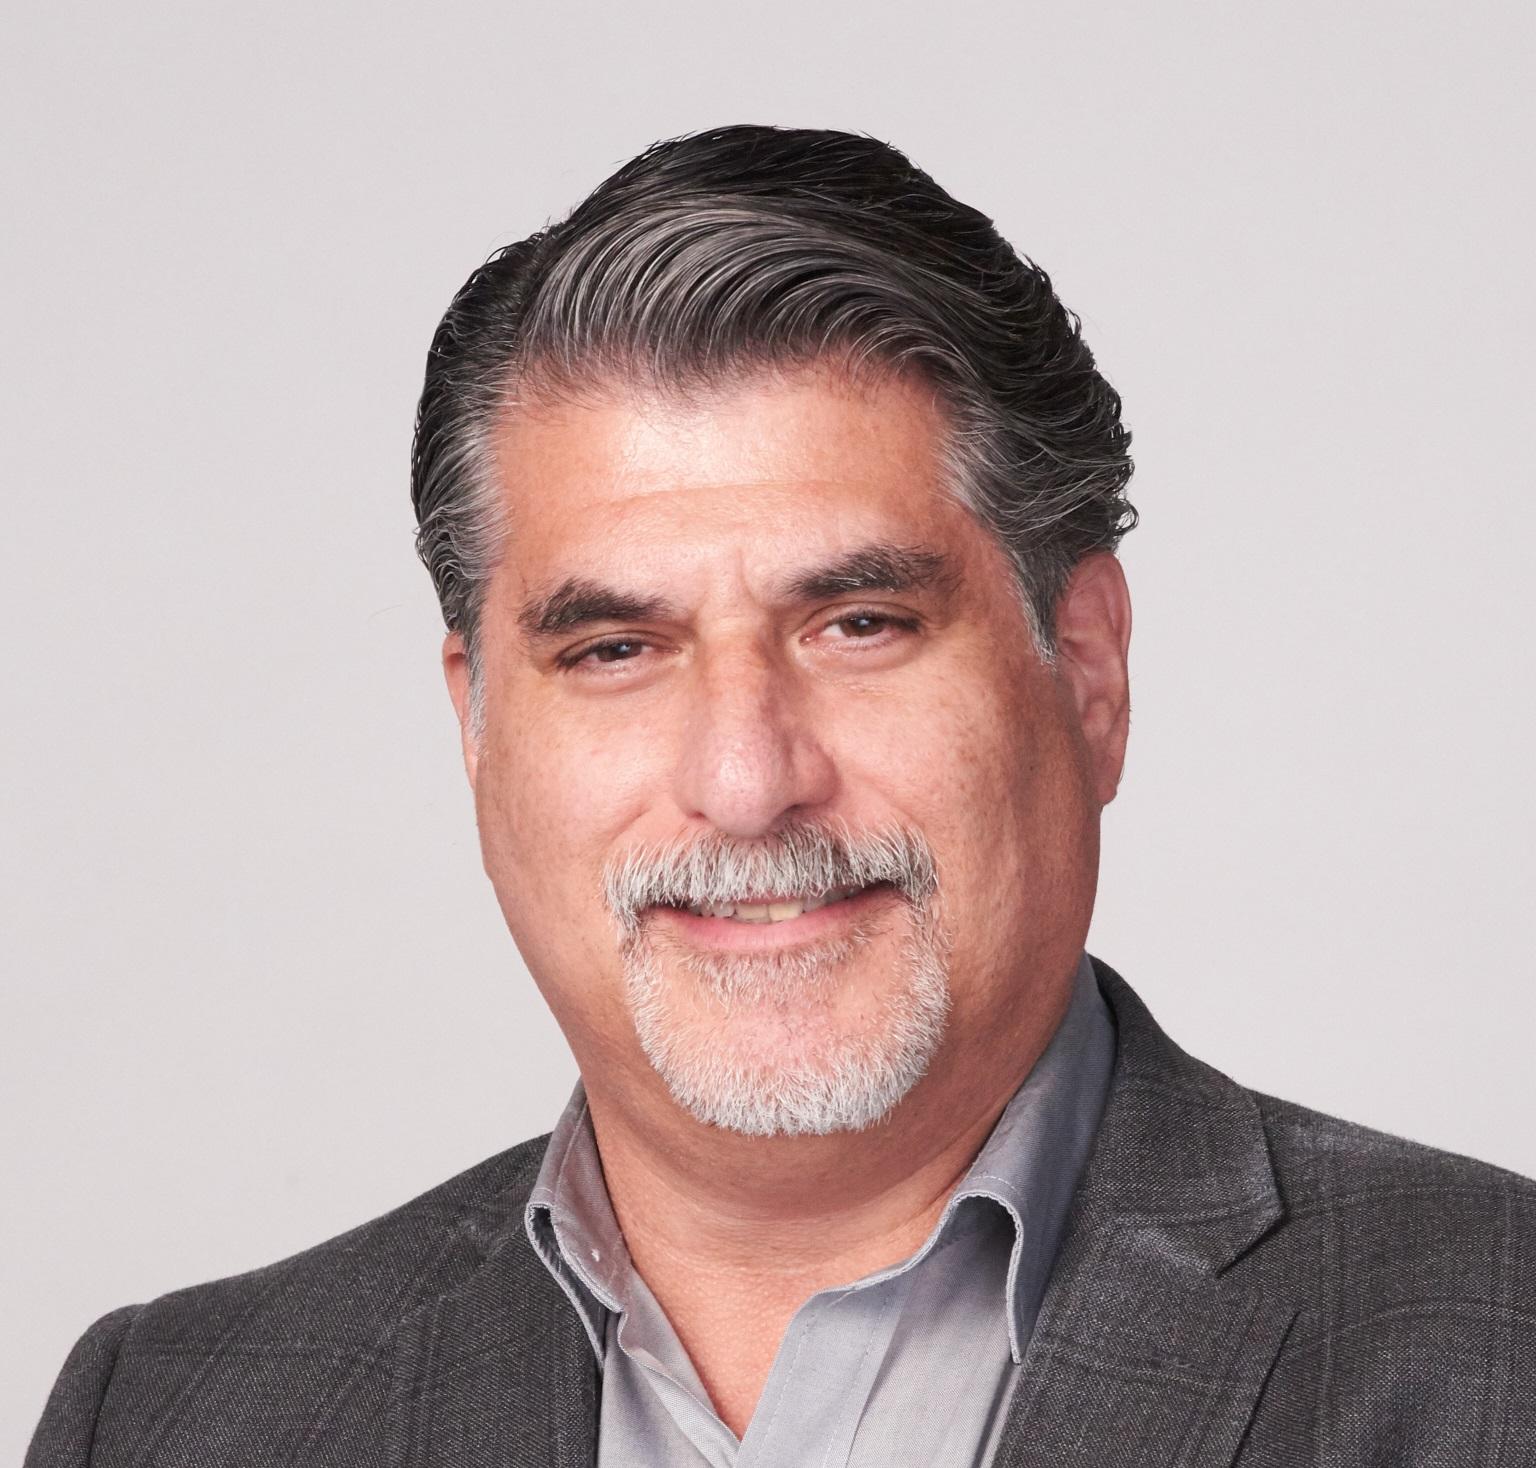 Allan Zuckoff, VP Clinical Programs